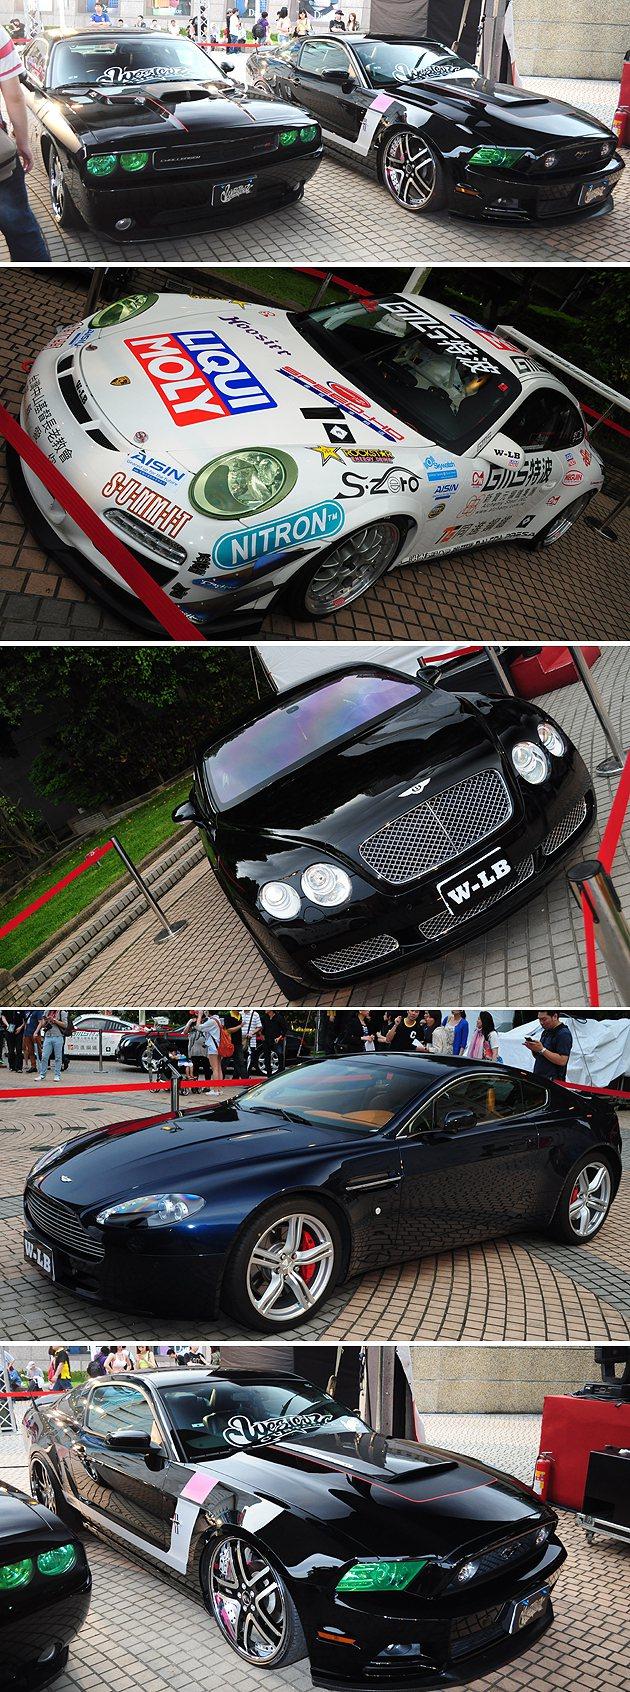 現場展出各款勁車,比照電影中的改裝車派對。 蔡志宇